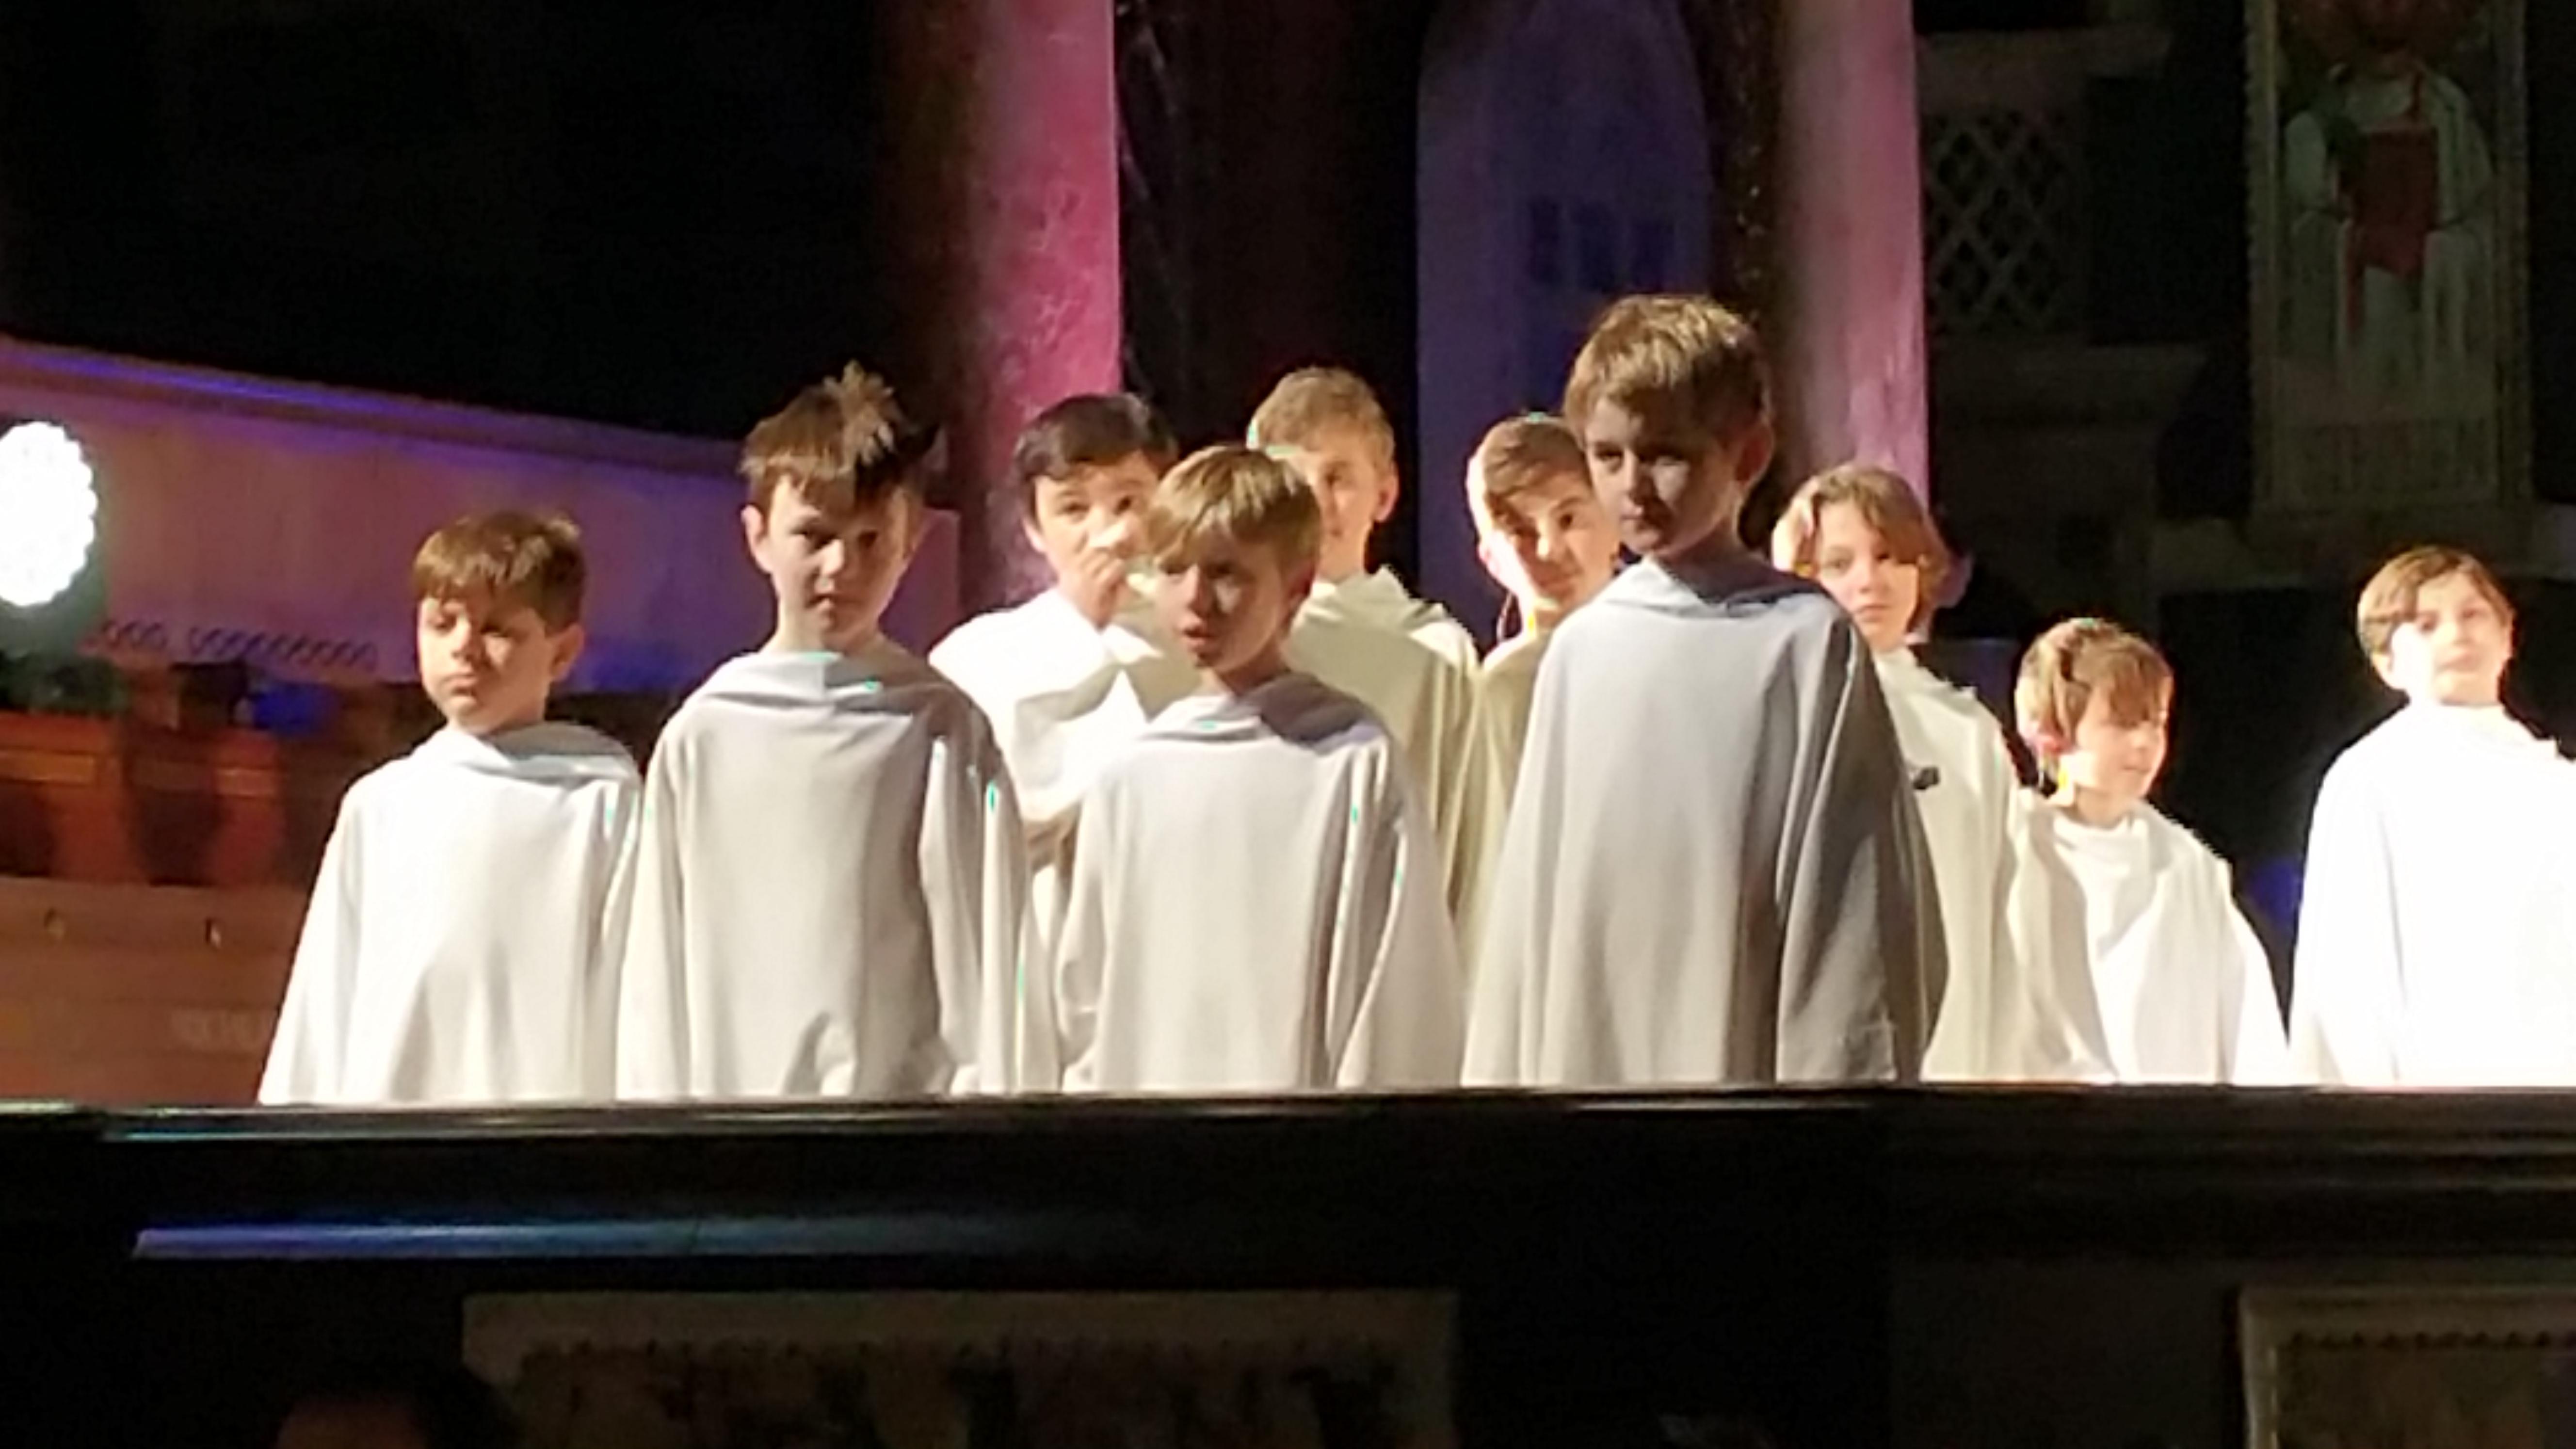 Concert à la cathédrale de Westminster (initialement St George's) le 1er décembre 2017 - Page 3 49560620171201220340